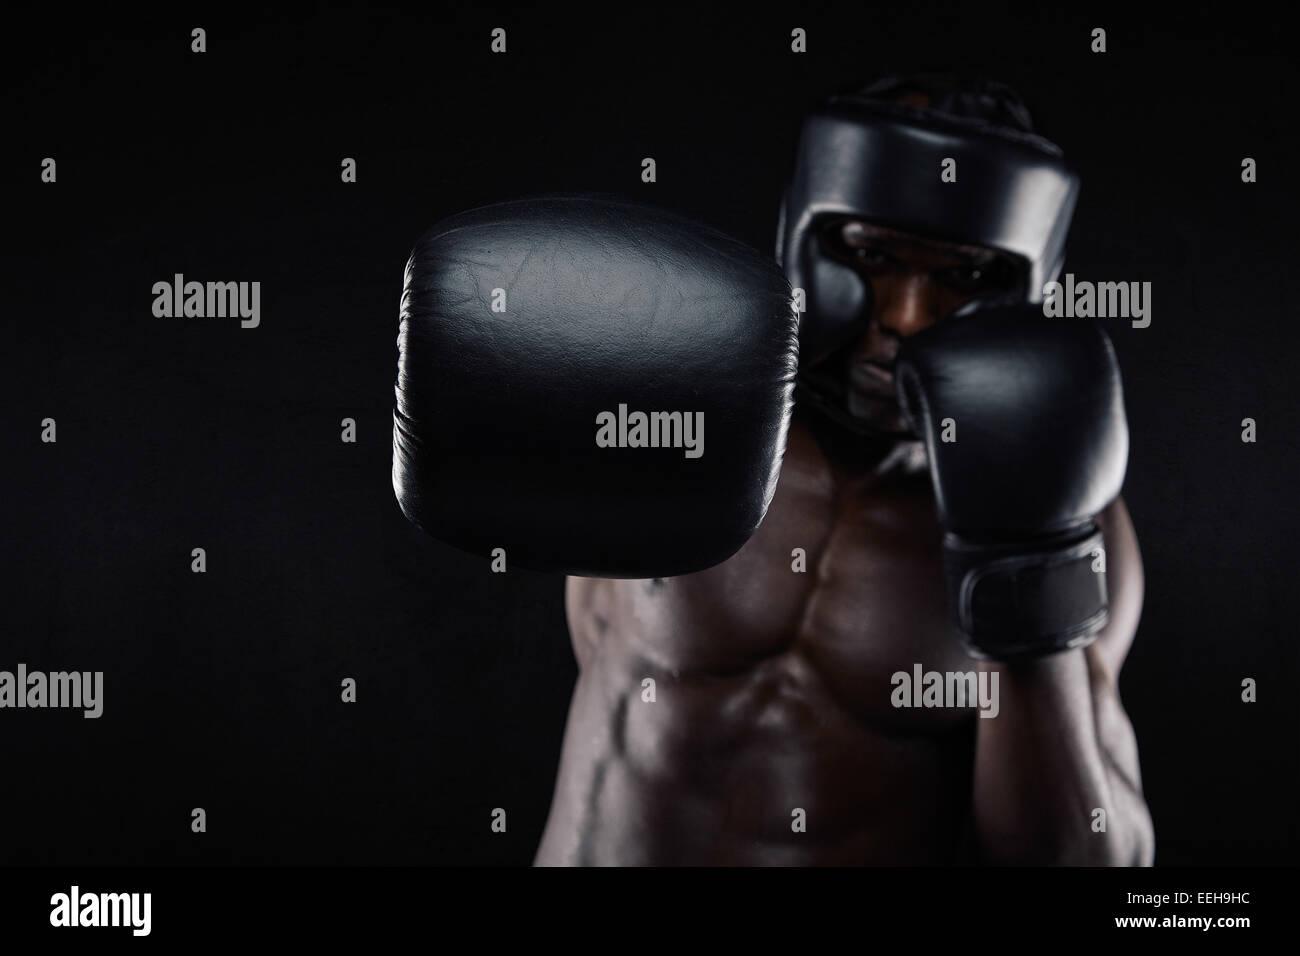 Joven Hombre muscular practicar boxeo. Varón africano arrojando punch hacia la cámara contra el fondo Imagen De Stock